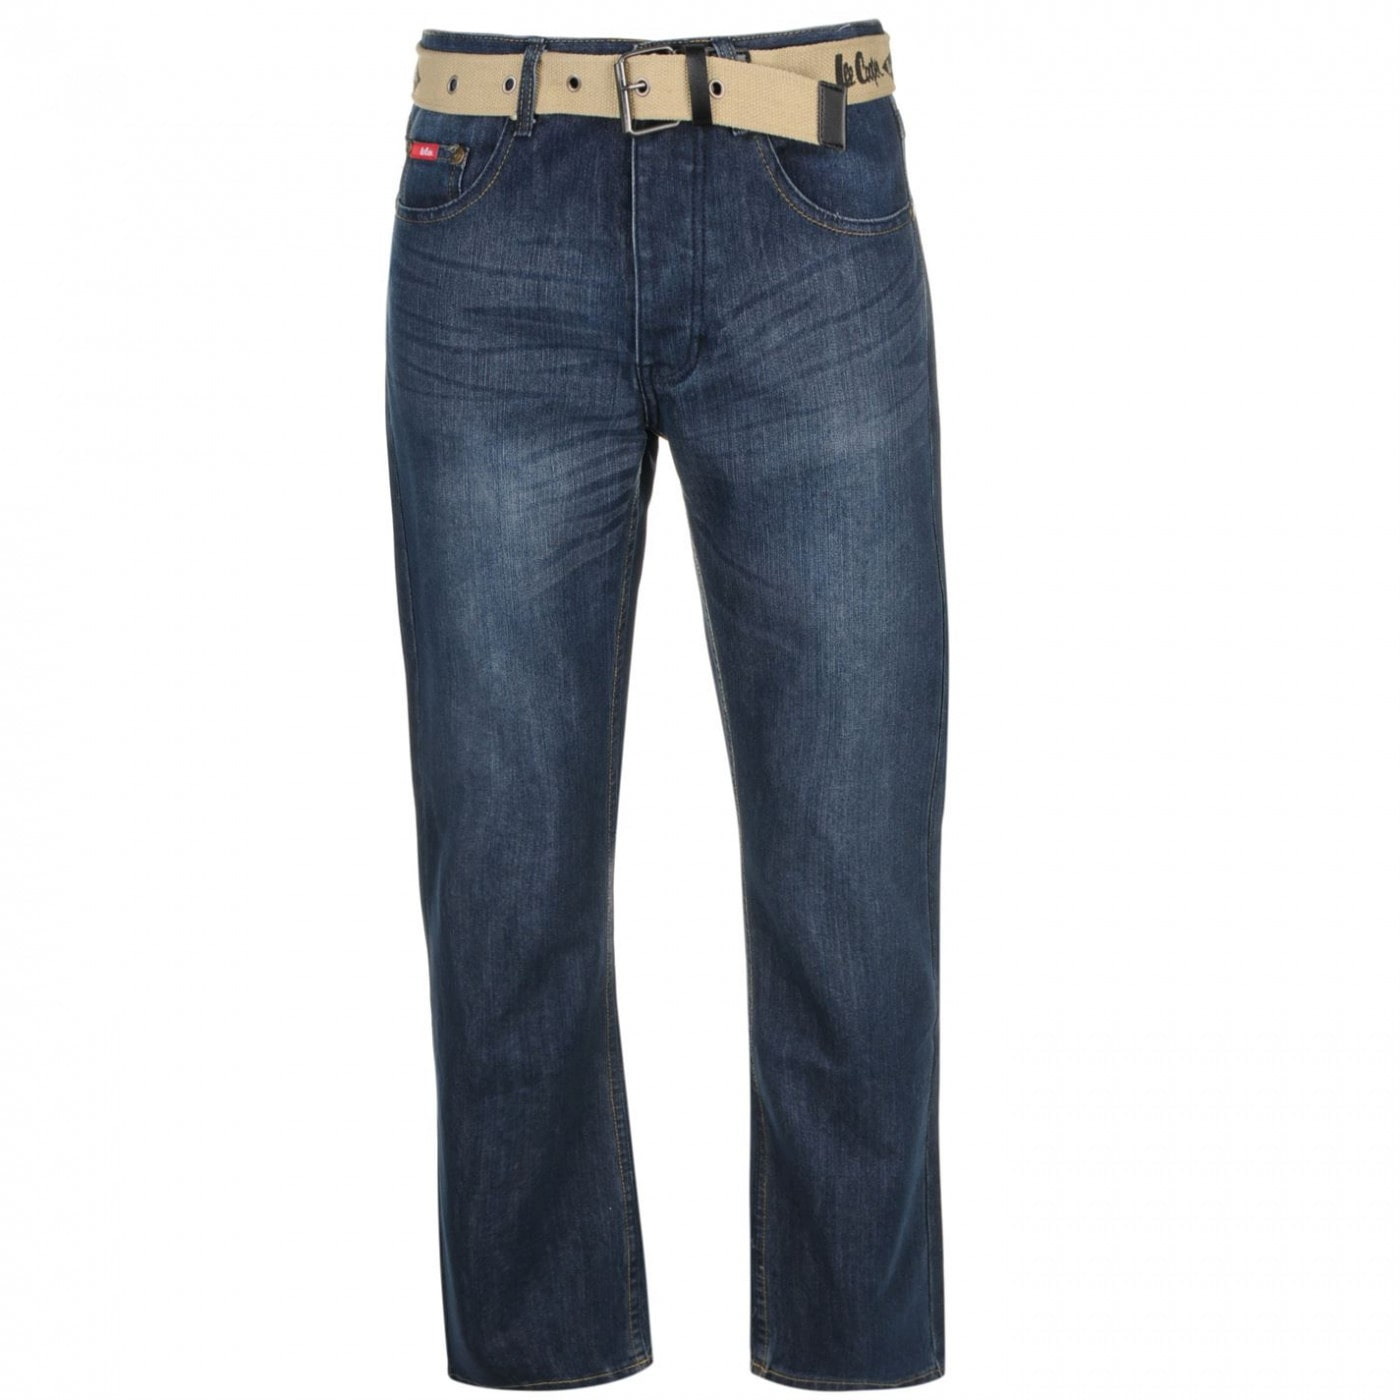 Men's jeans Lee Cooper Belted